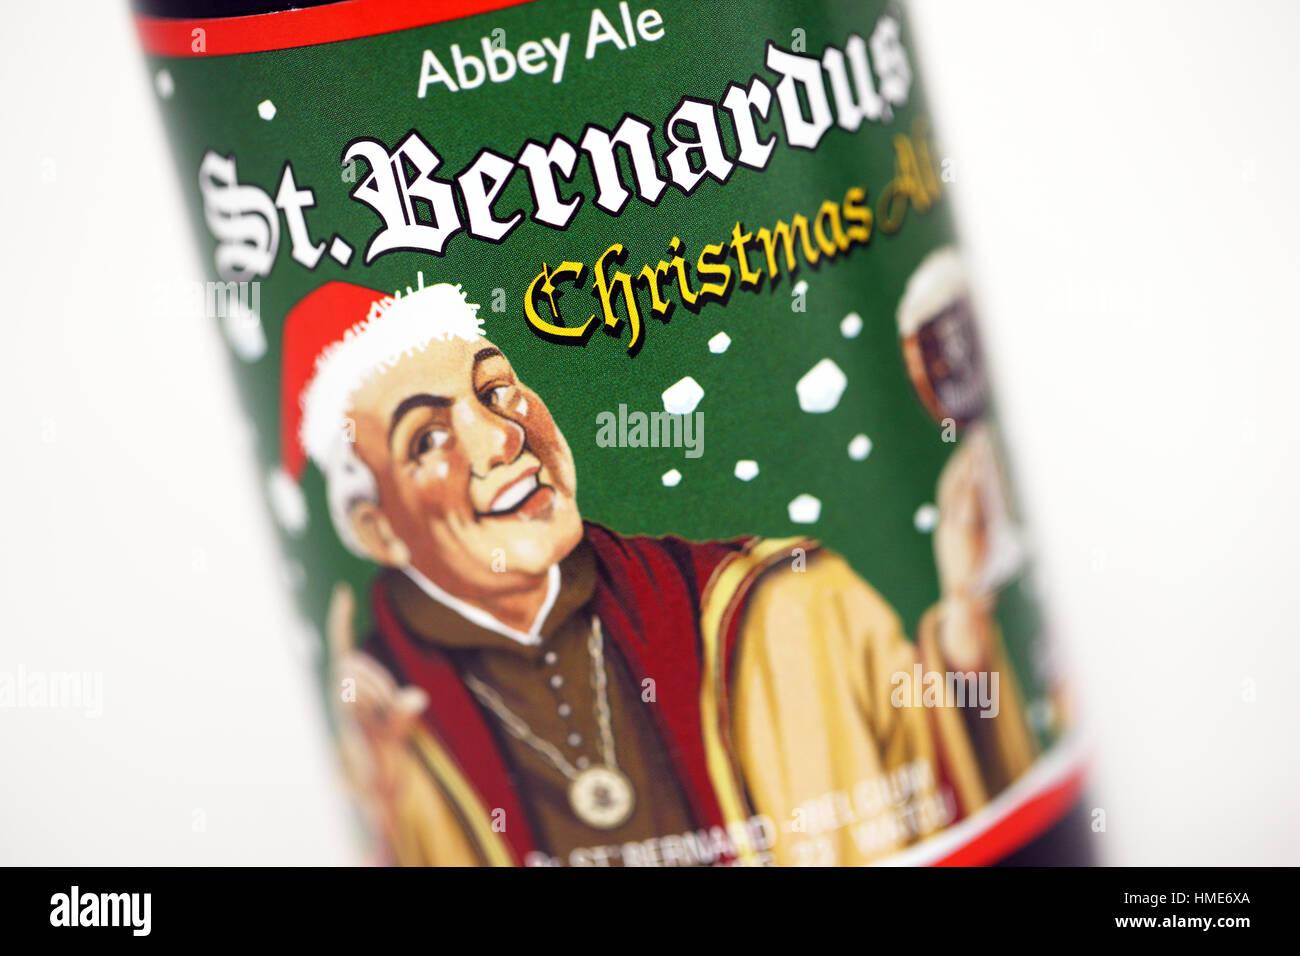 Christmas Belgian beers - Stock Image